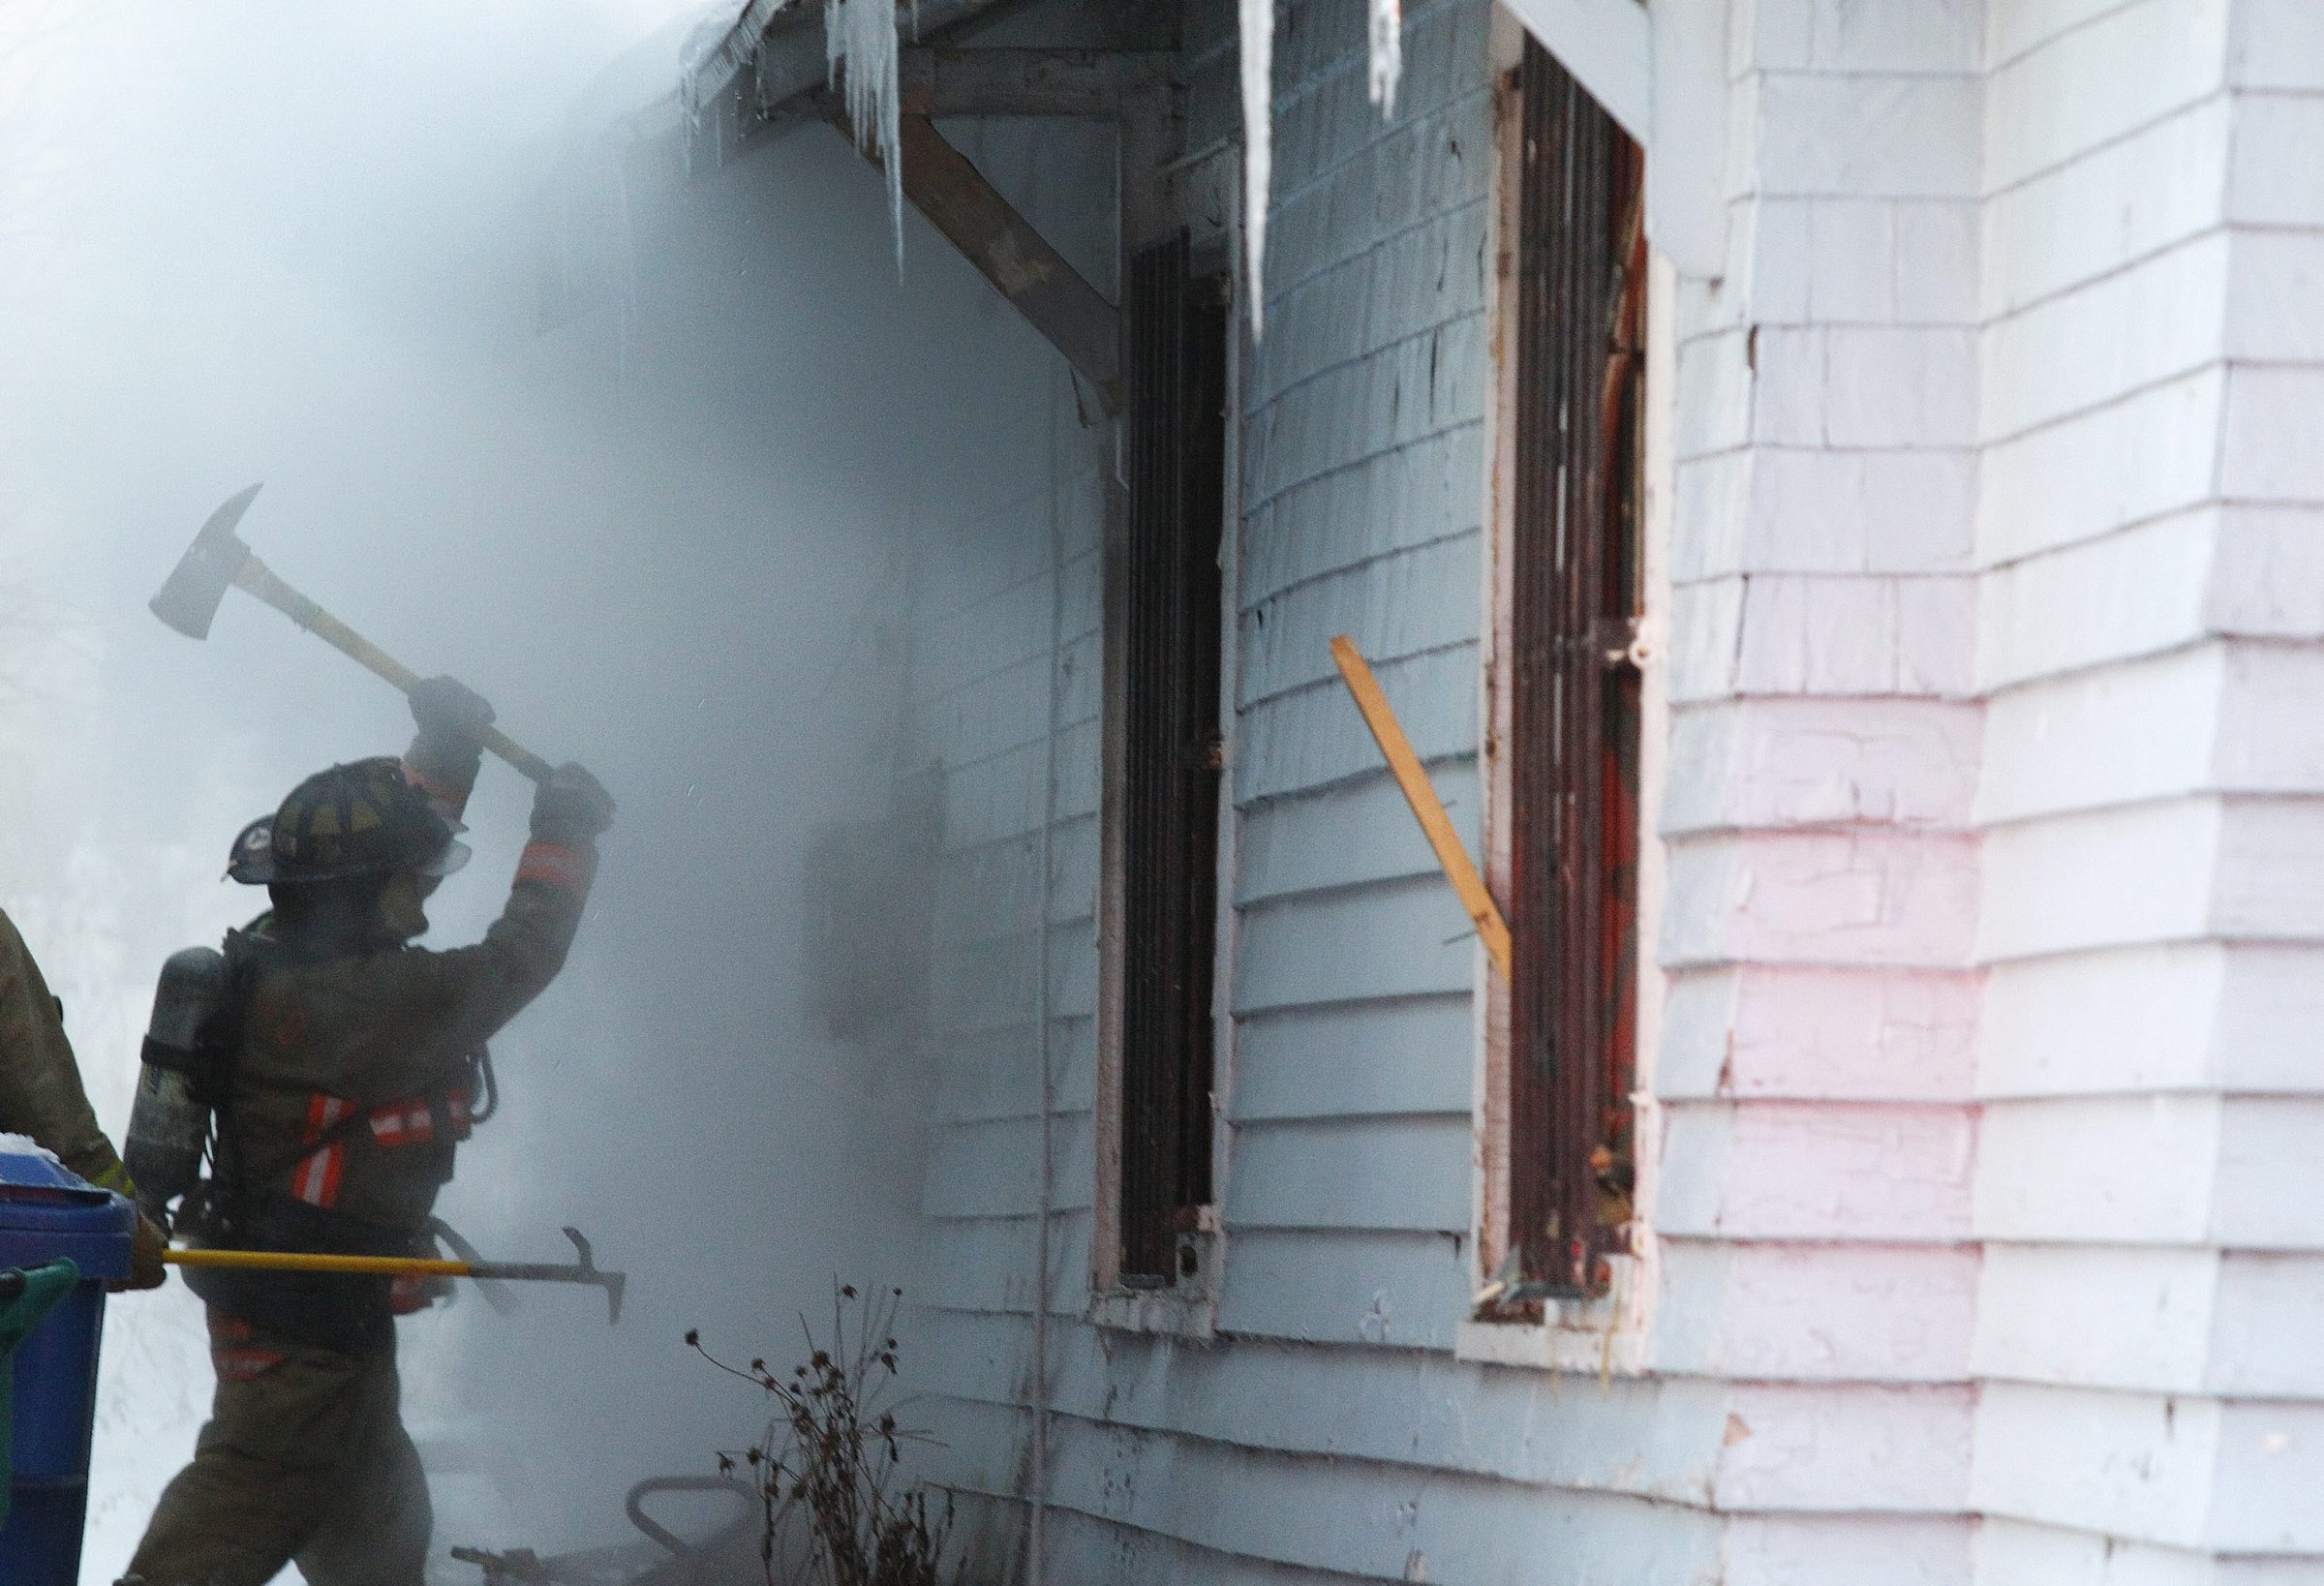 A Buffalo firefighter battles a fire on Leroy Avenue hampered by frozen fire hyrdants on Friday, Feb. 7, 2014, in Buffalo. (Harry Scull Jr./Buffalo News)